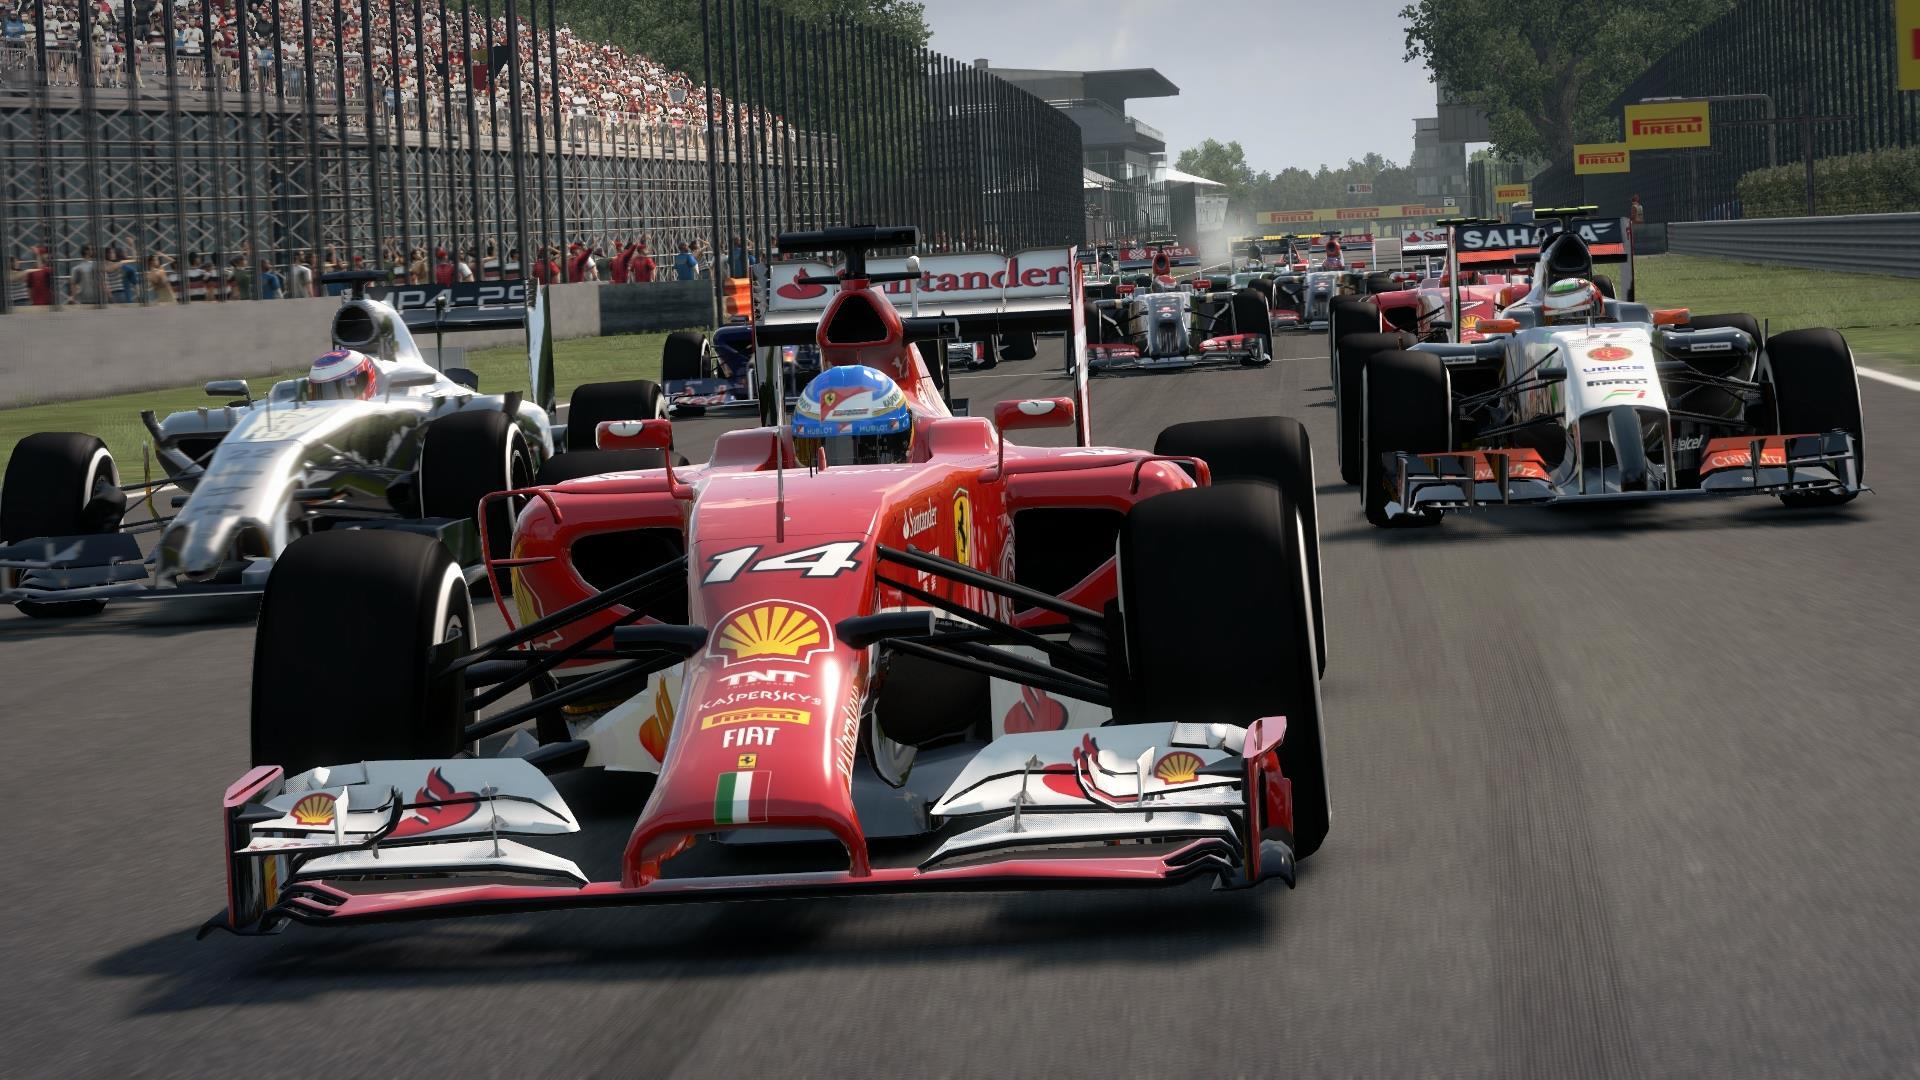 F1 2014: Kedvcsináló képgaléria a játékhoz